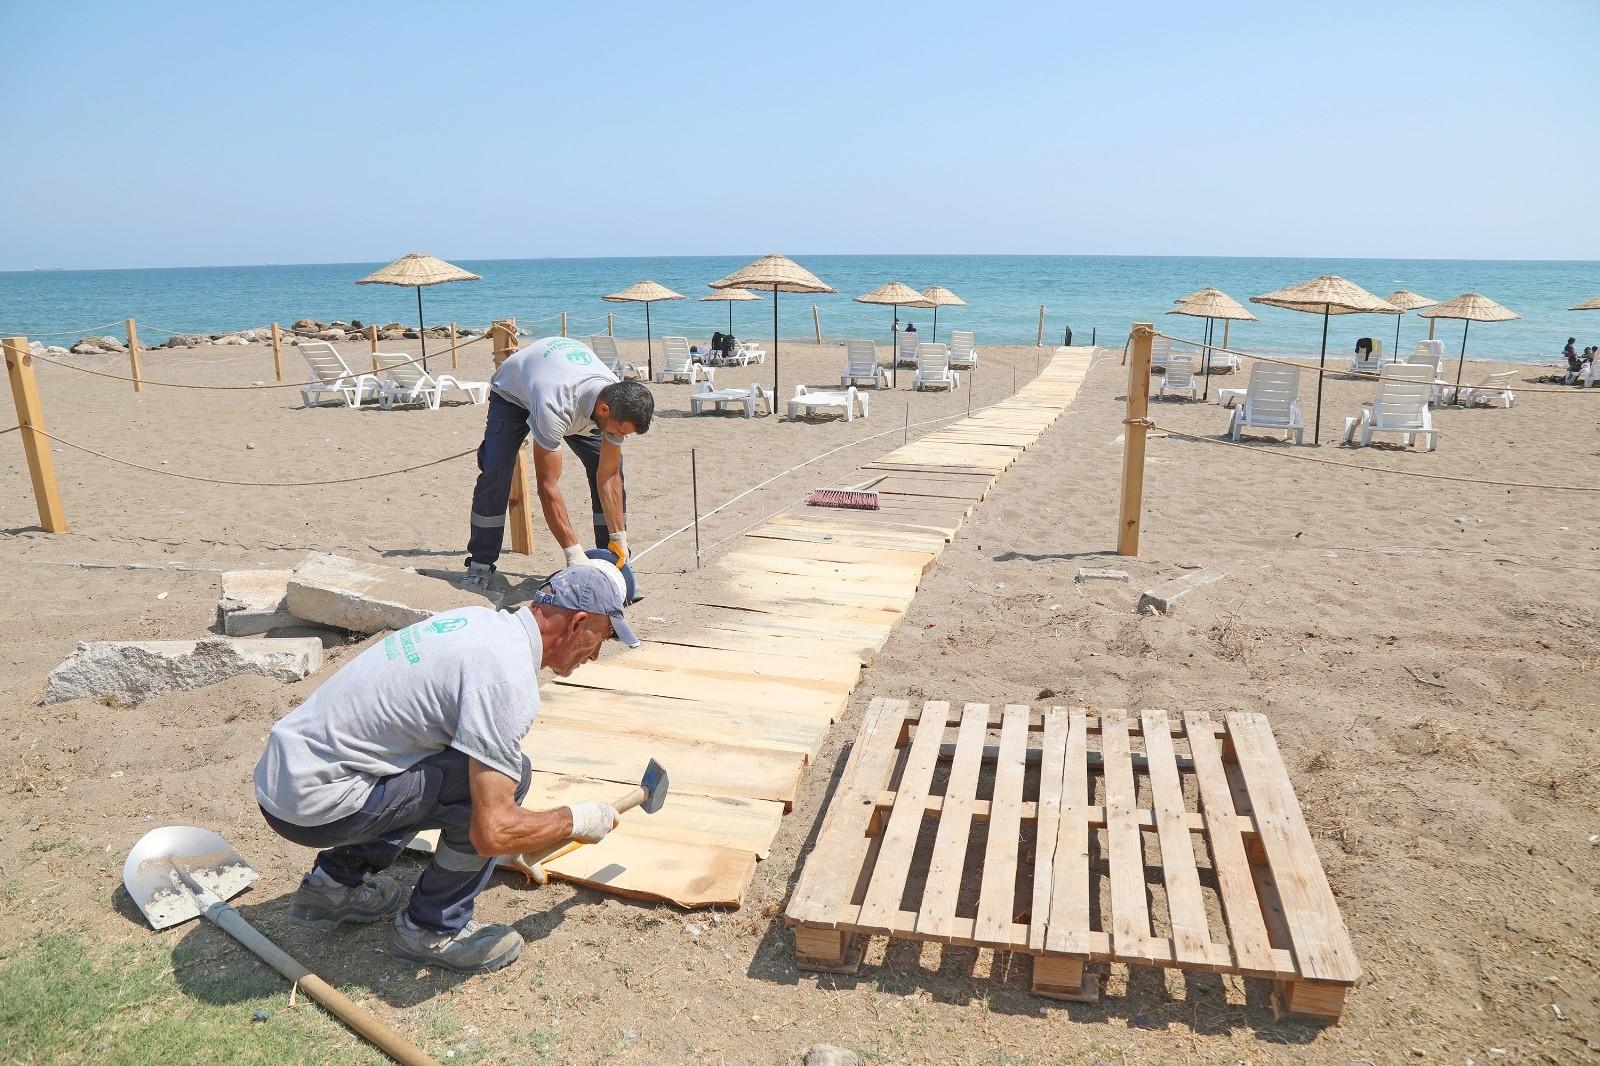 engelliler pompeiopolis plajindan rahatlikla denize girebilecek